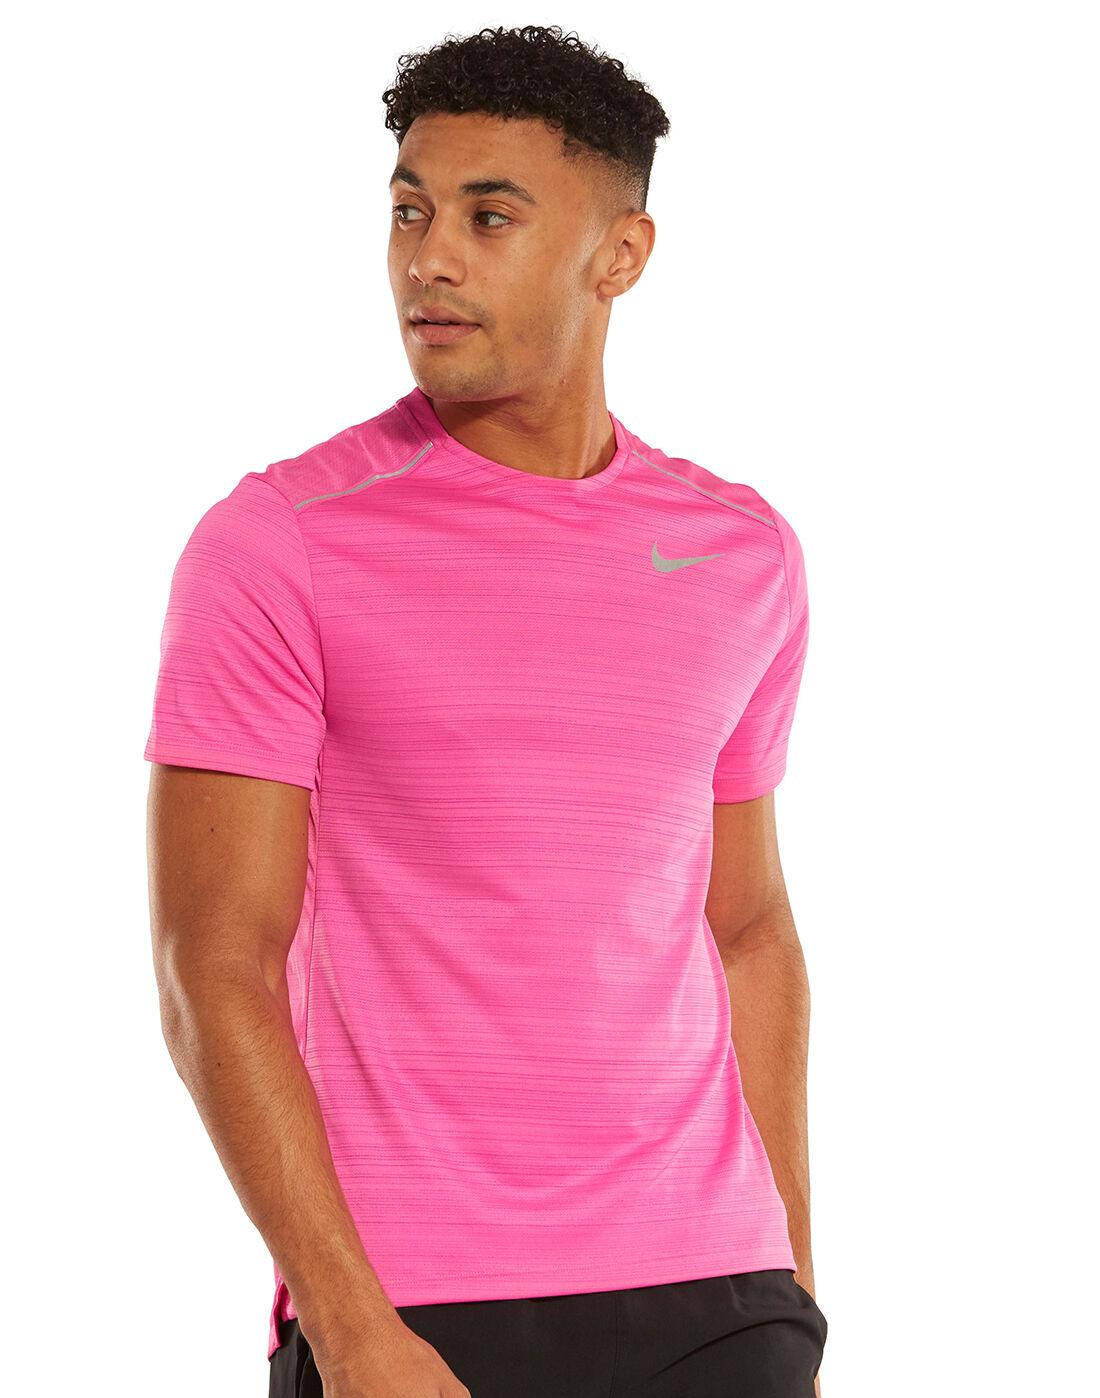 nike miler t shirt pink